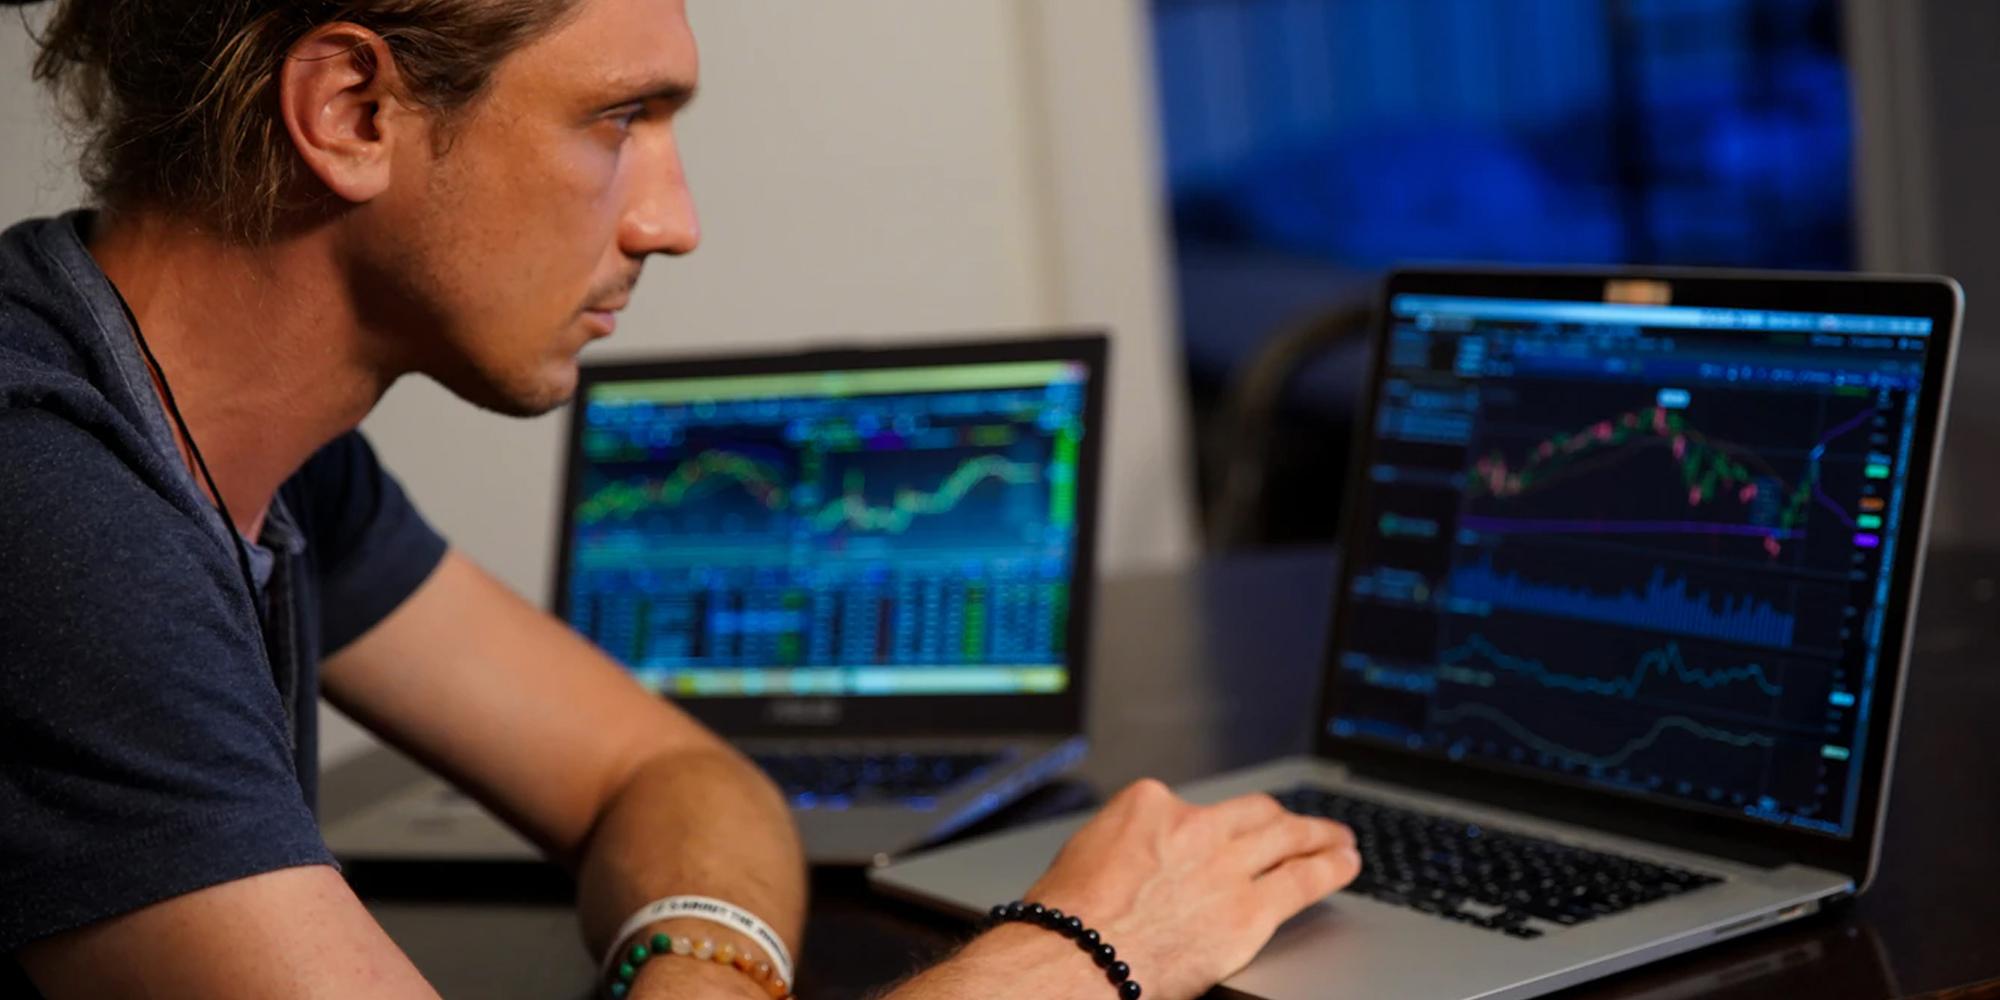 Usi-tech Forex Automatizuotos Prekybos Programinė Įranga